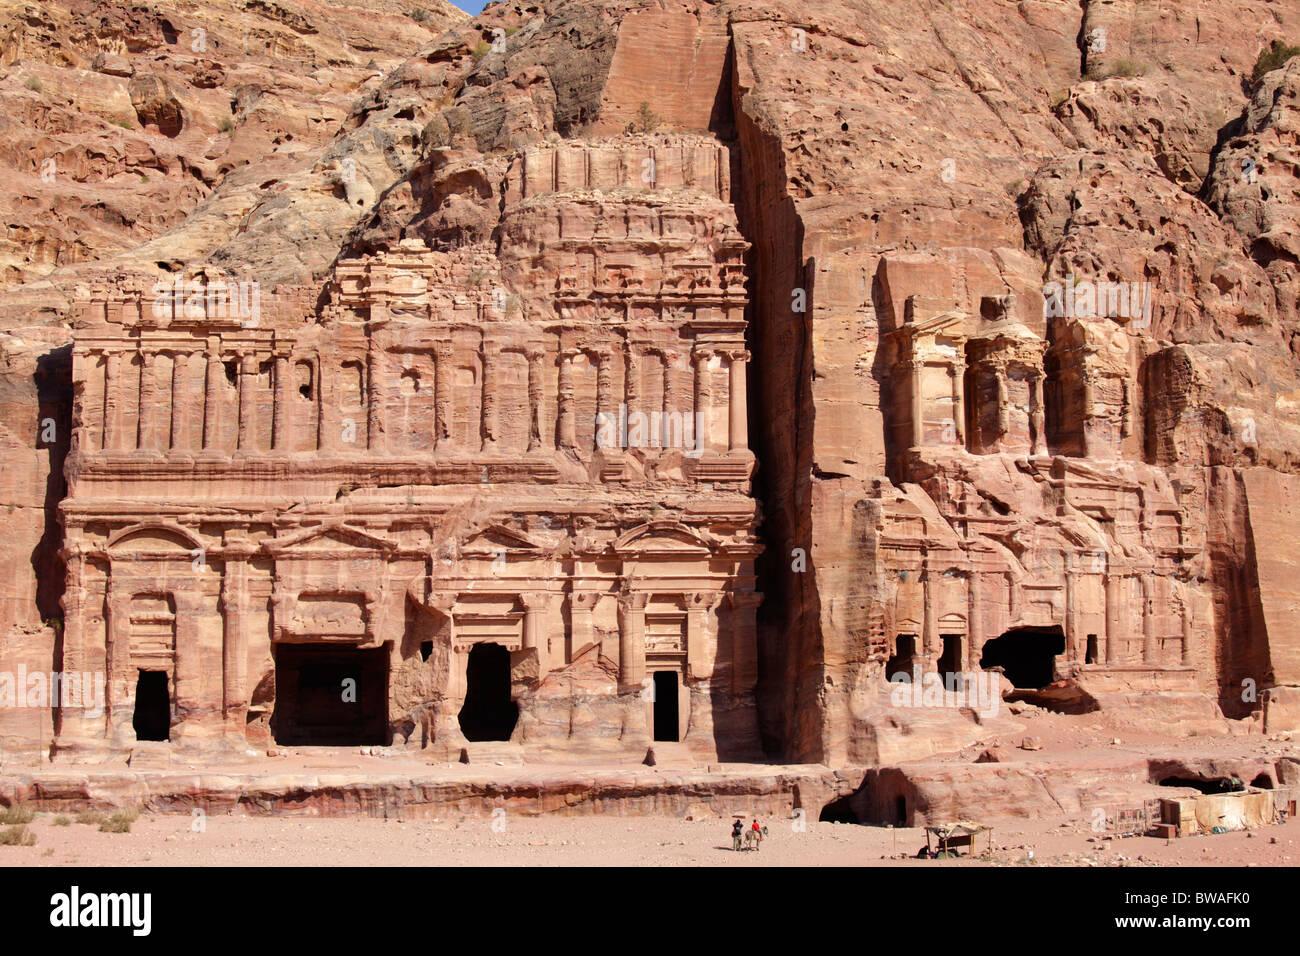 Corinthian tomb and palace tomb, the royal tombs, Petra, Jordan Stock Photo